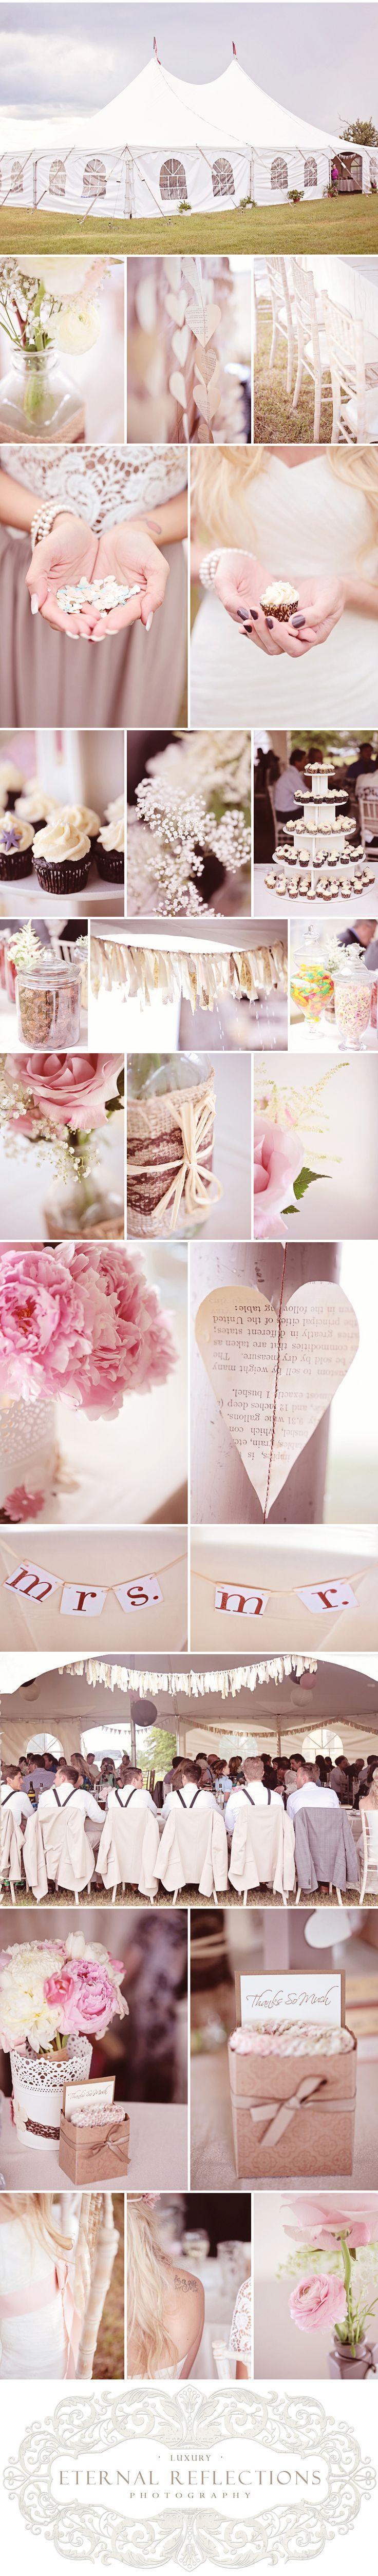 ©eternalreflectionsphoto.com Edmonton Wedding Photographers who travel Internationally. Facebook: https://www.facebook.com/pages/Eternal-Reflections-Photography/76901299044  Blush pink wedding